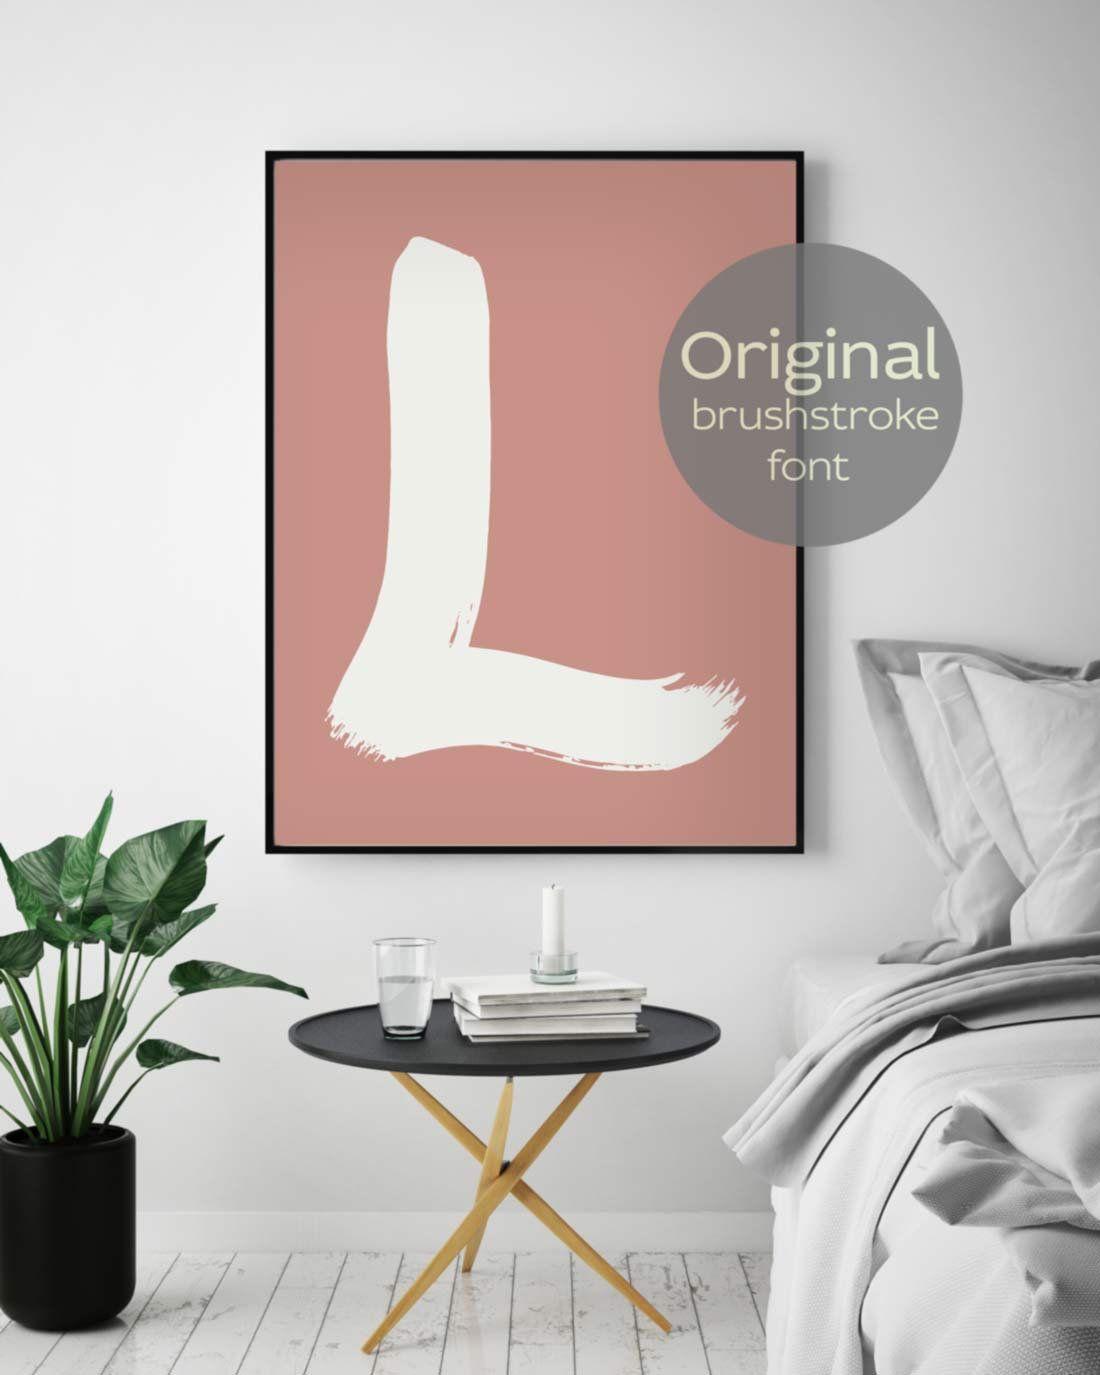 Room Decor Boho, L Letter Art, Brushstroke Art, Neutral Colors ...